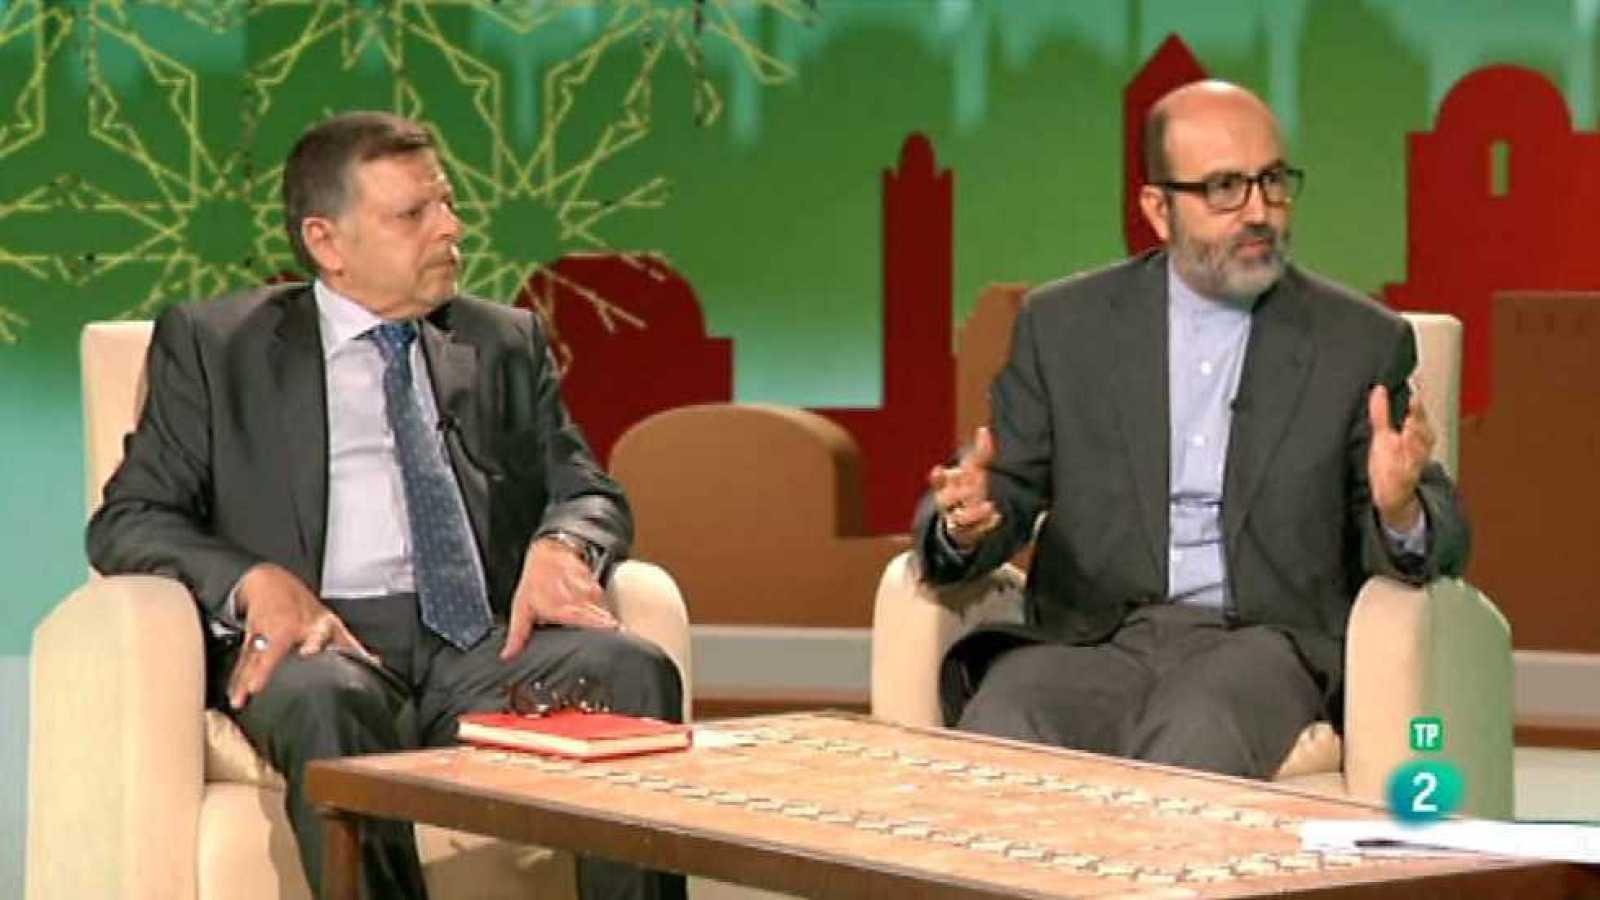 Islam Hoy - Peregrinaje, un viaje a la Meca - Ver ahora